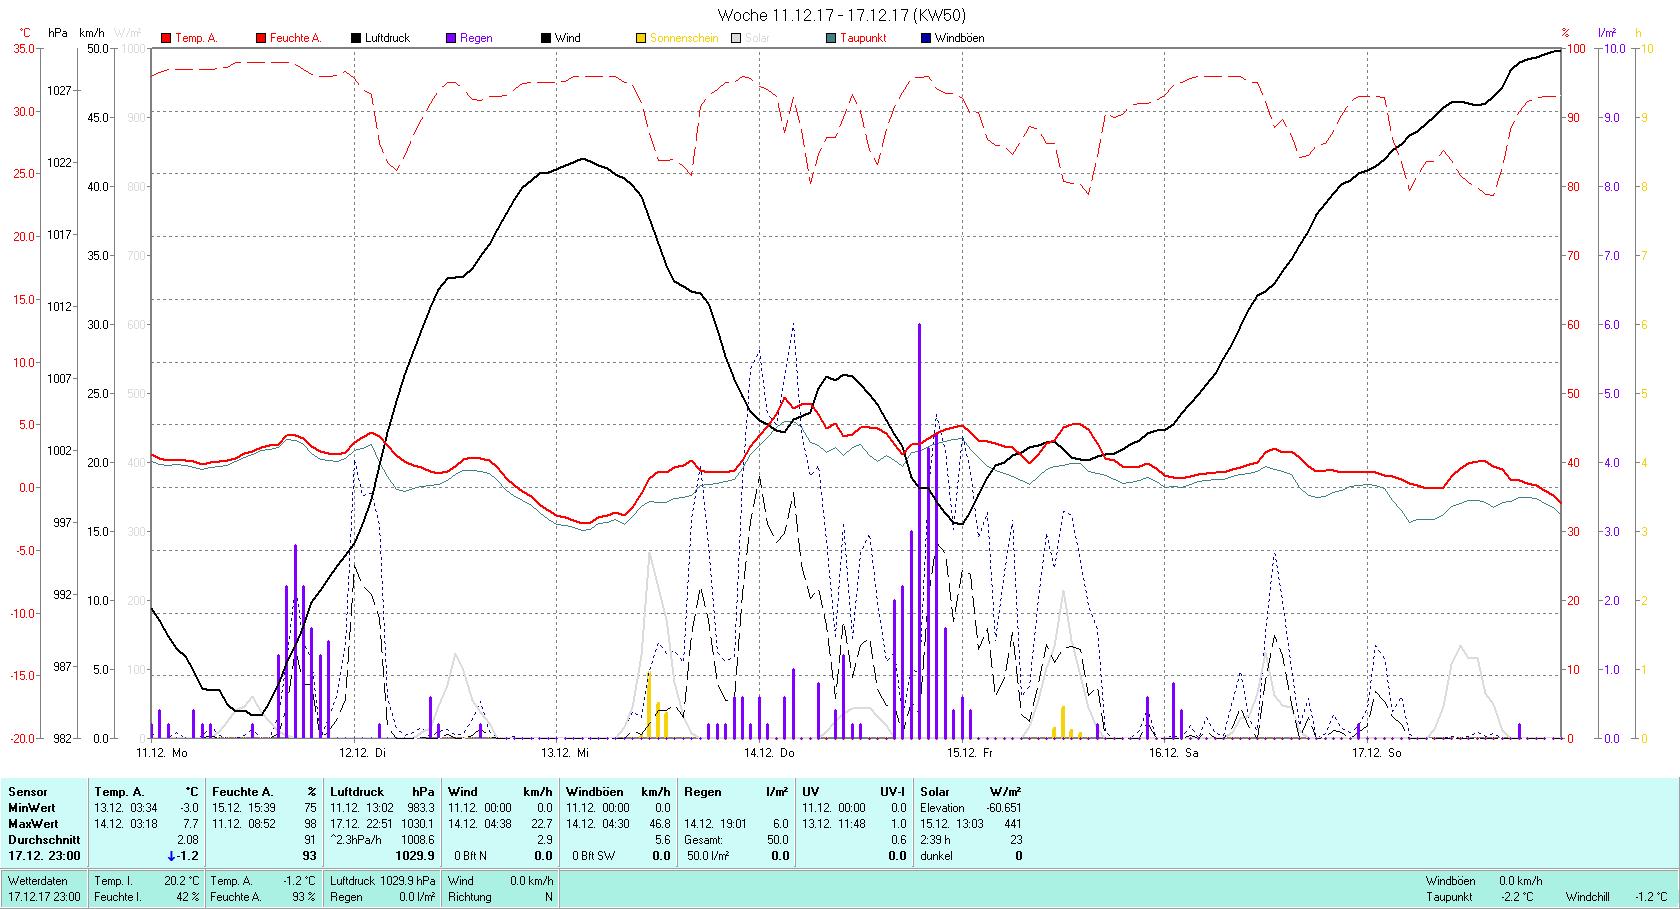 KW 50 Tmin -3.0°C, Tmax 7.7°C, Sonne 2:39 h Niederschlag 50 mm2